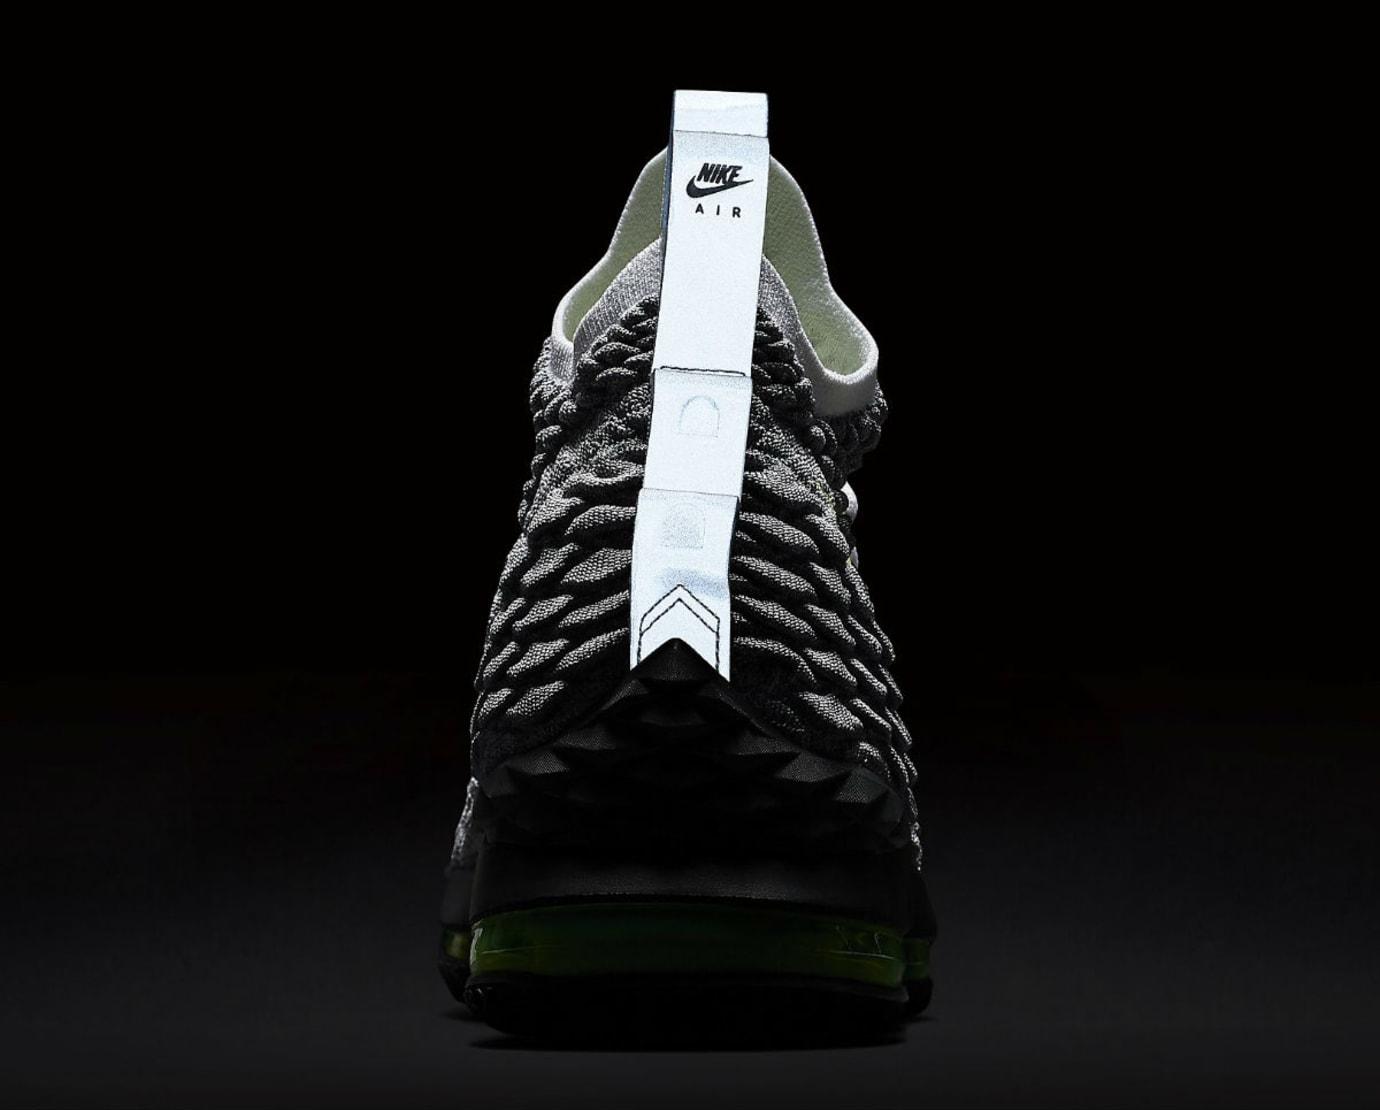 f5db78842c1 Nike LeBron 15 Air Max 95 Neon Release Date AR4831-001 Main